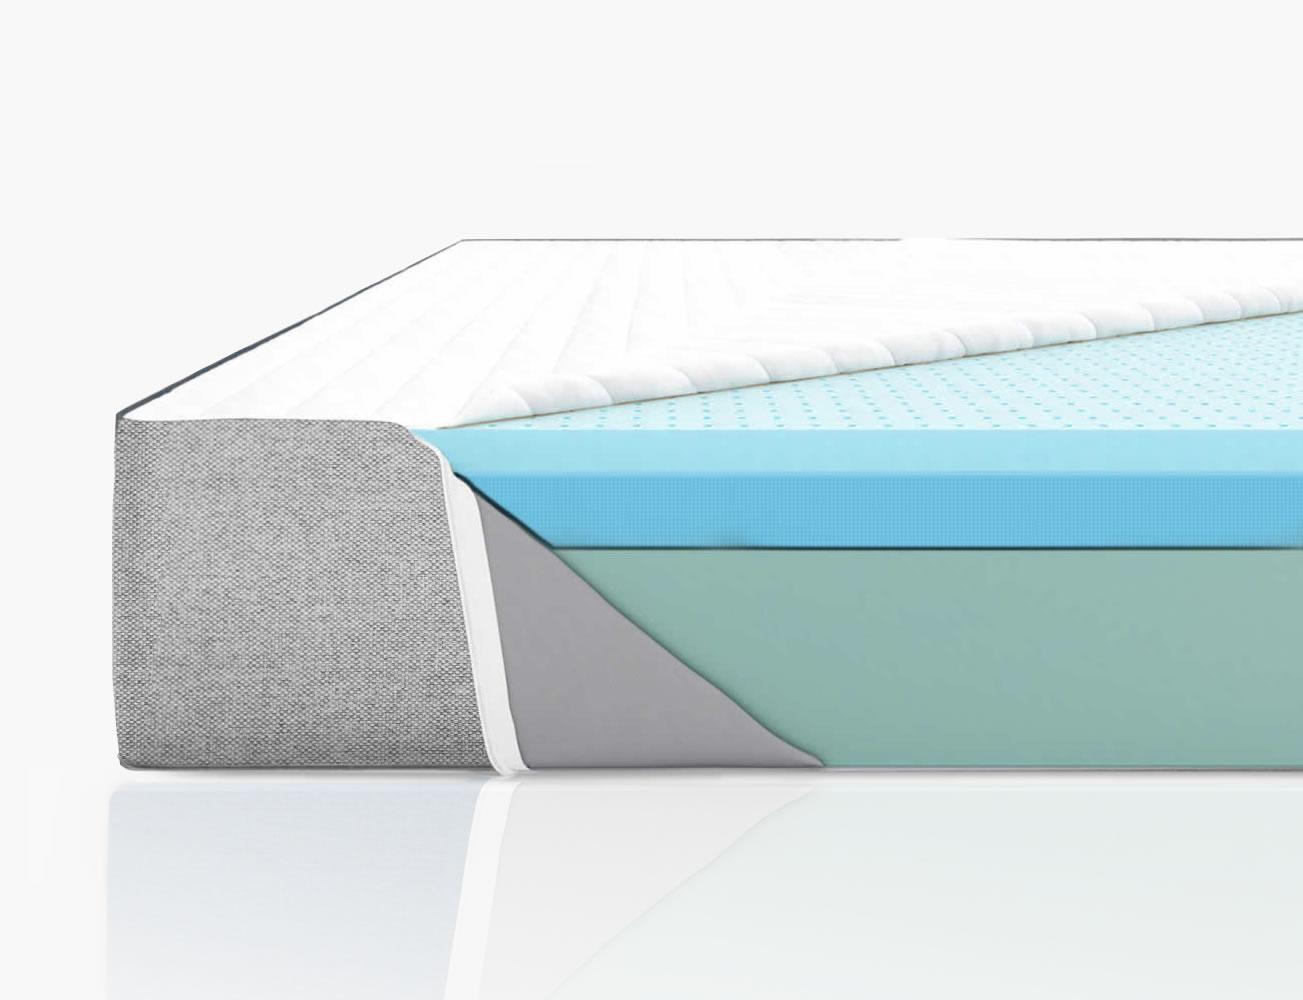 fin-mattress-fin10-mattress-foam-layers-cutaway-4-3.jpg